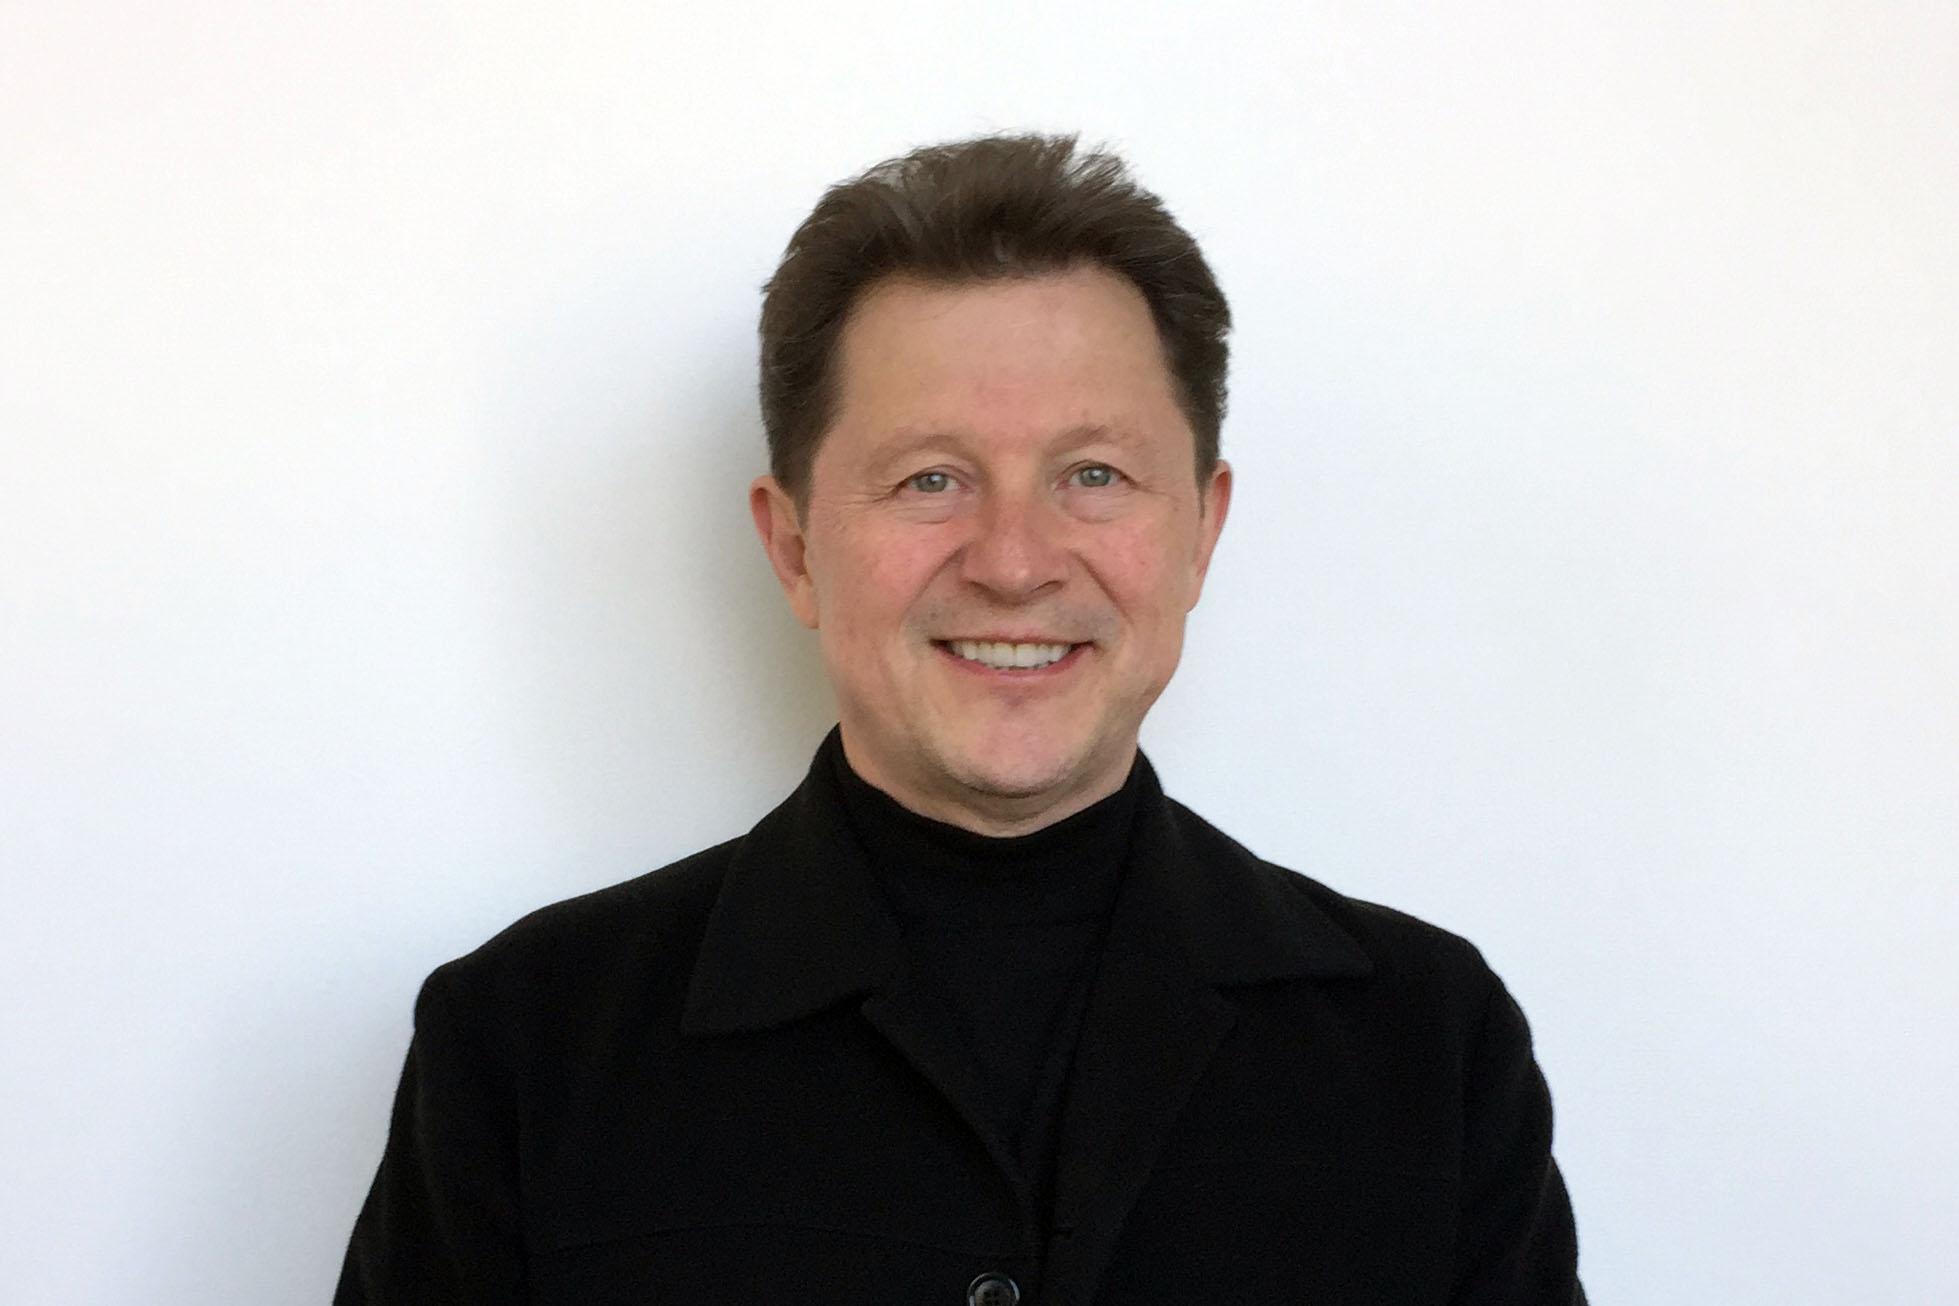 Roberto Salinas-León (Aaron Cain, WFIU)